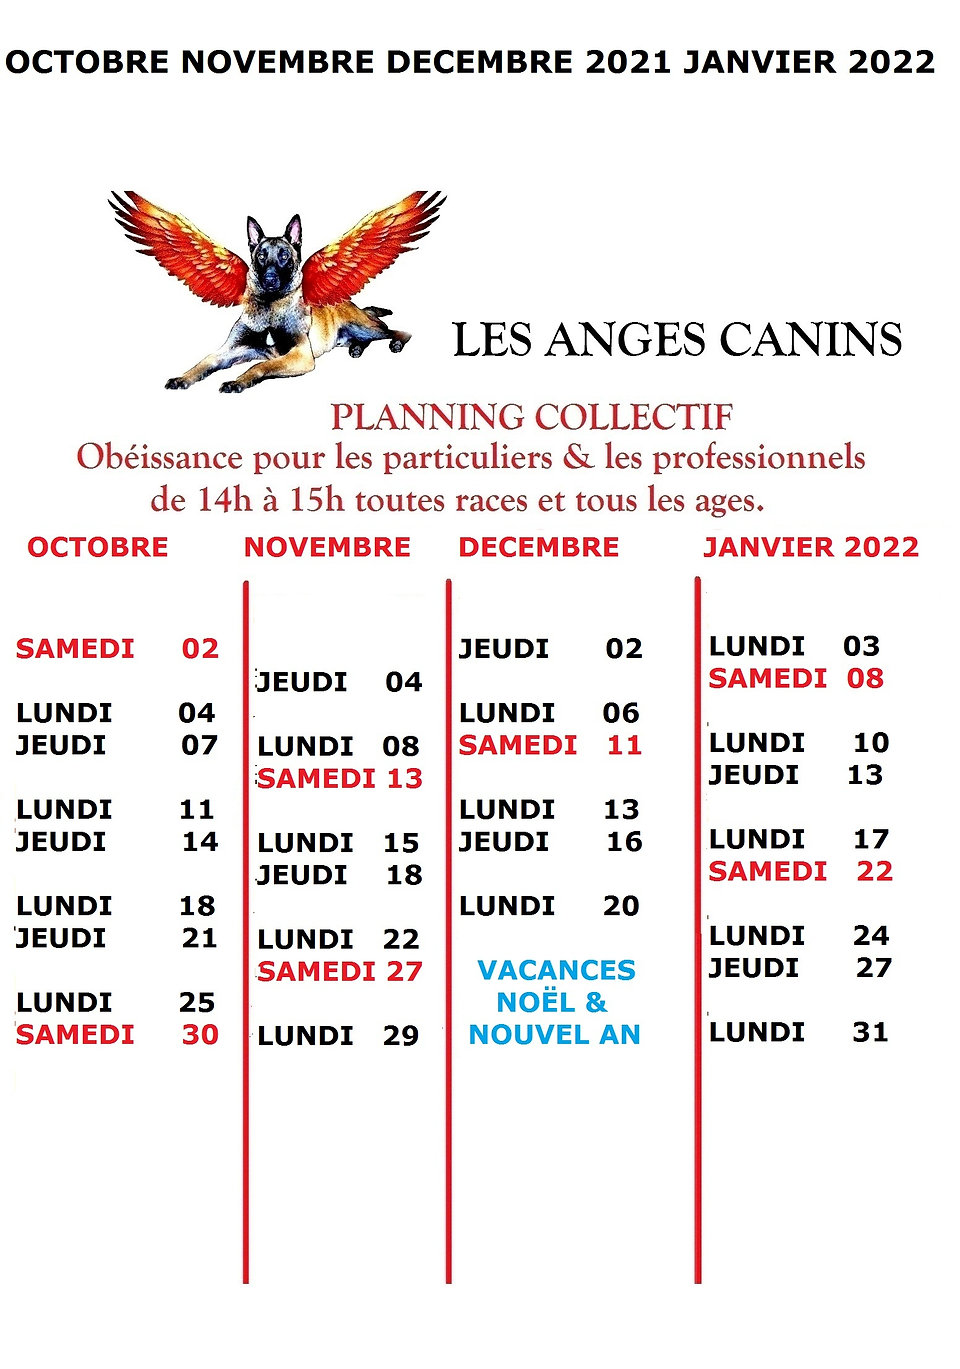 planning  OCT NOV DEC JANV 2021  2022.jpg